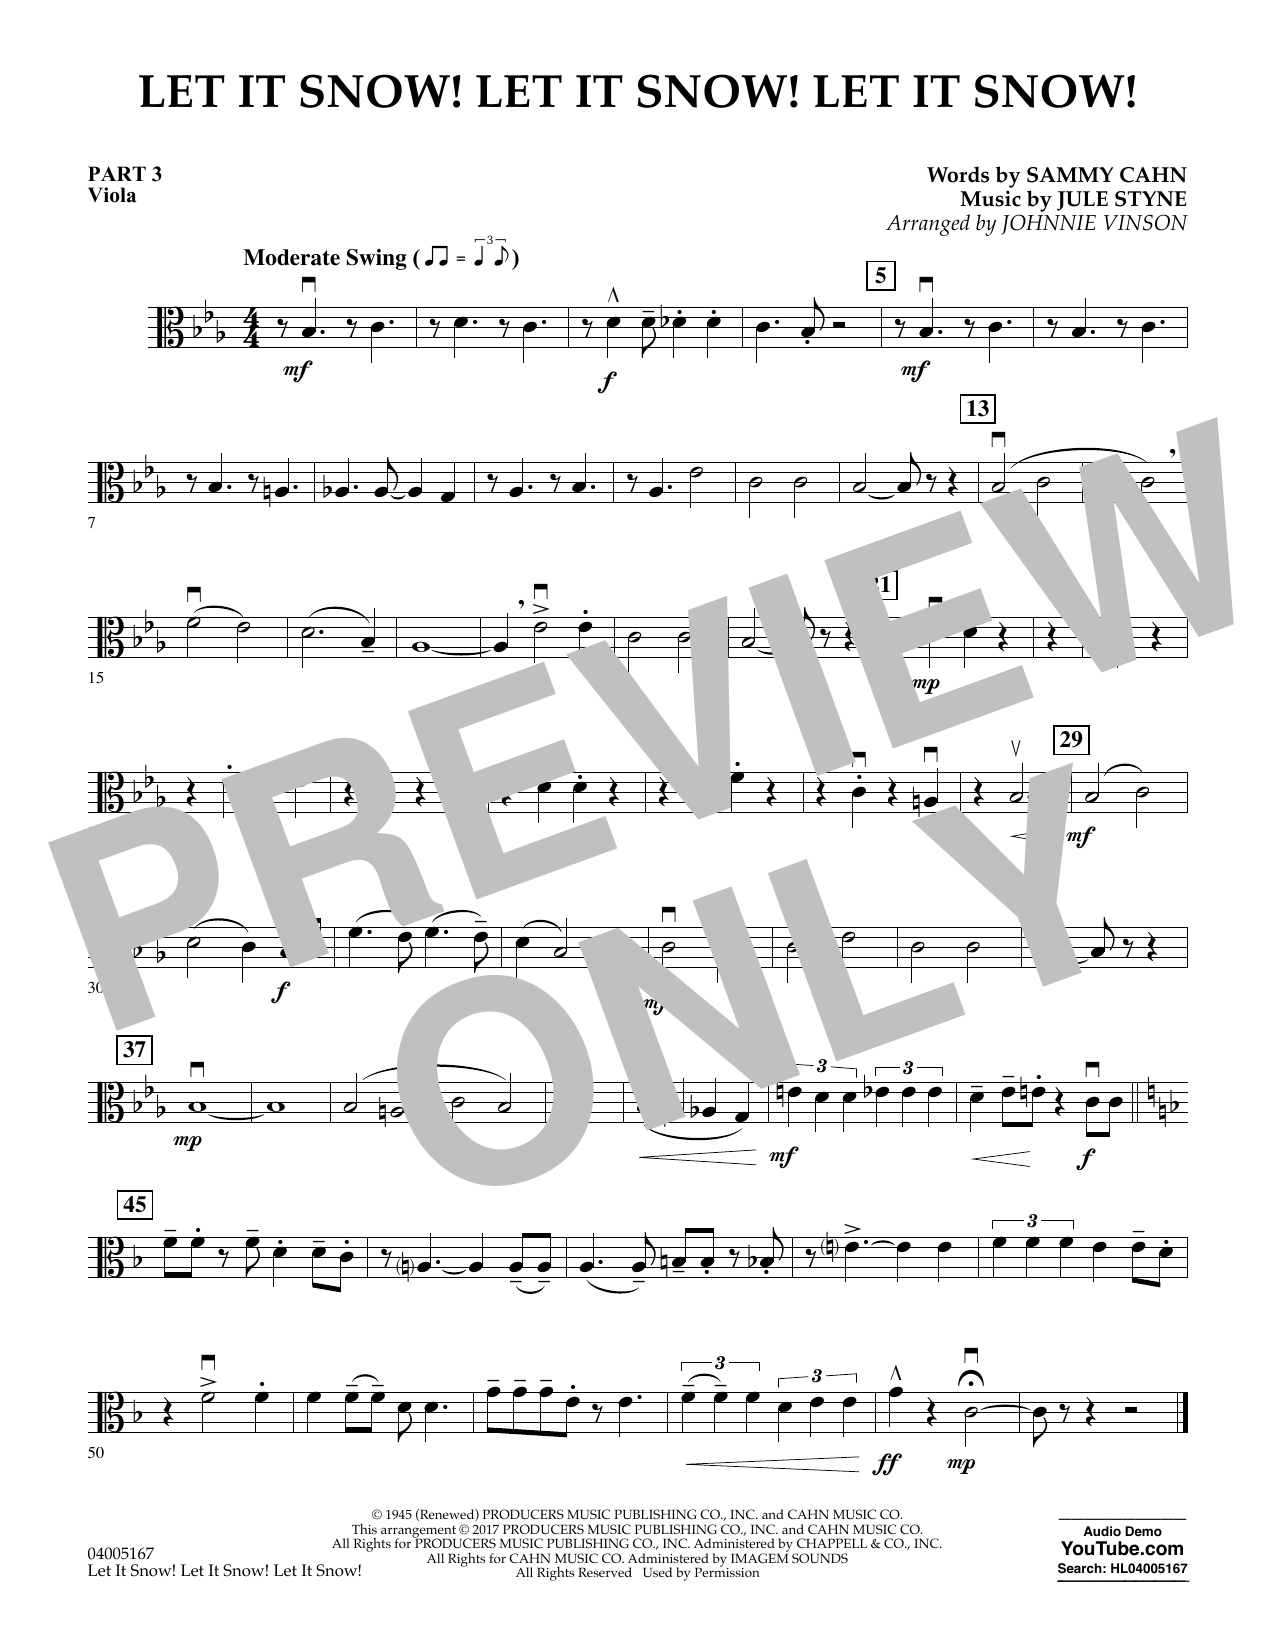 Let It Snow! Let It Snow! Let It Snow! - Pt.3 - Viola (Concert Band)